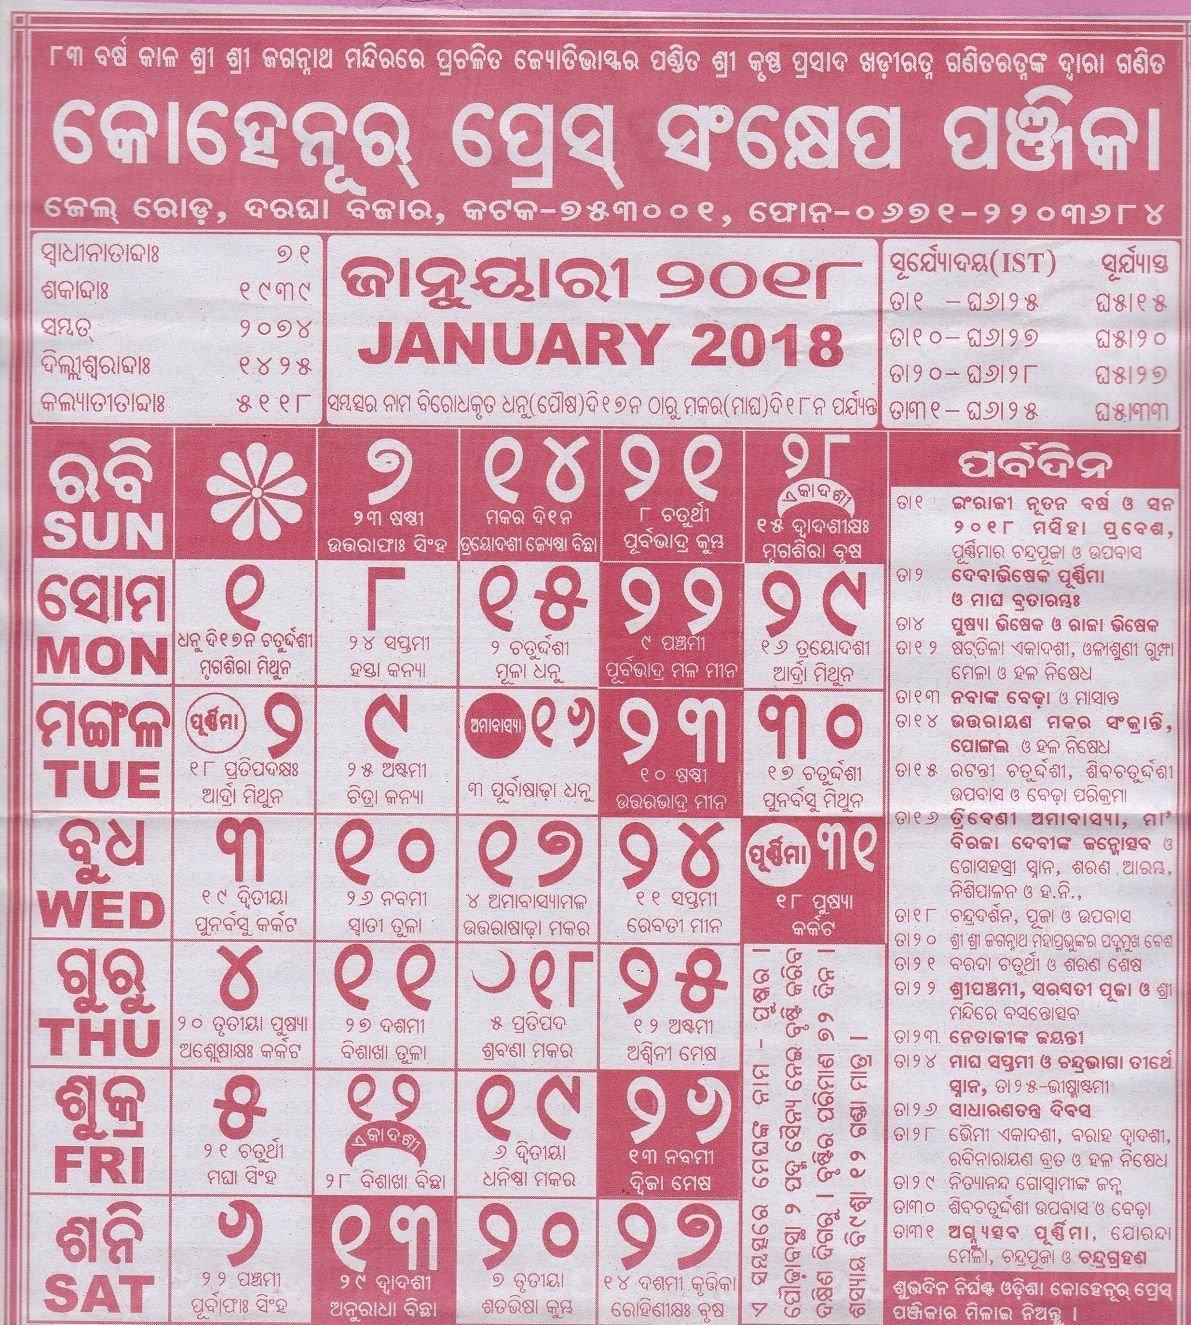 20+ Calendar 2021 Odia - Free Download Printable Calendar Templates ️ inside Government Calendar 2021 Odisha